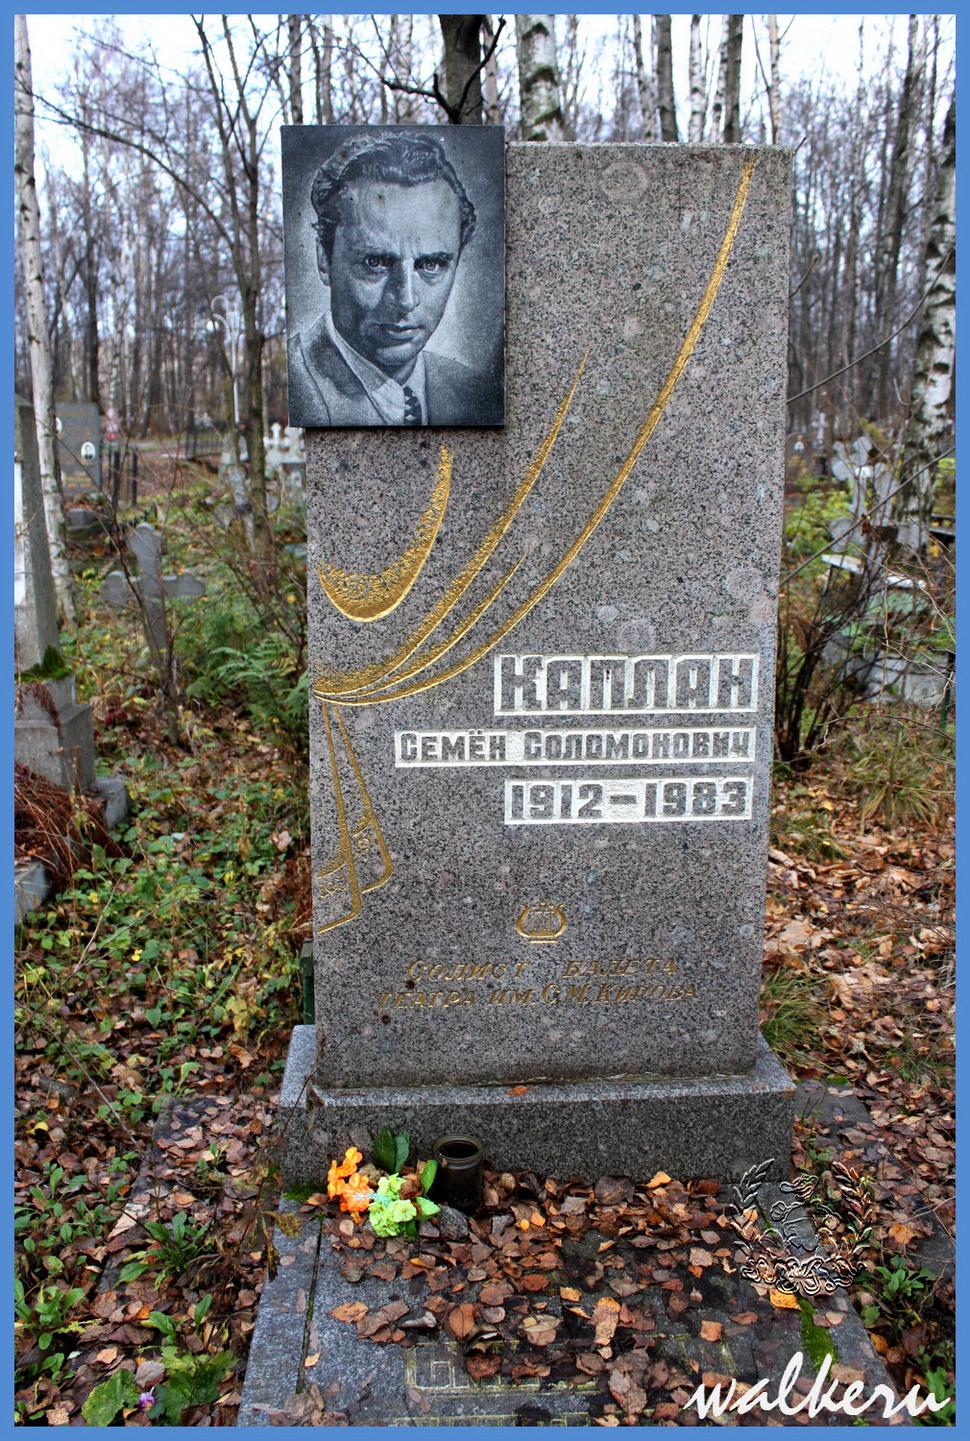 Могила Каплан С.С. на Киновиевское кладбище